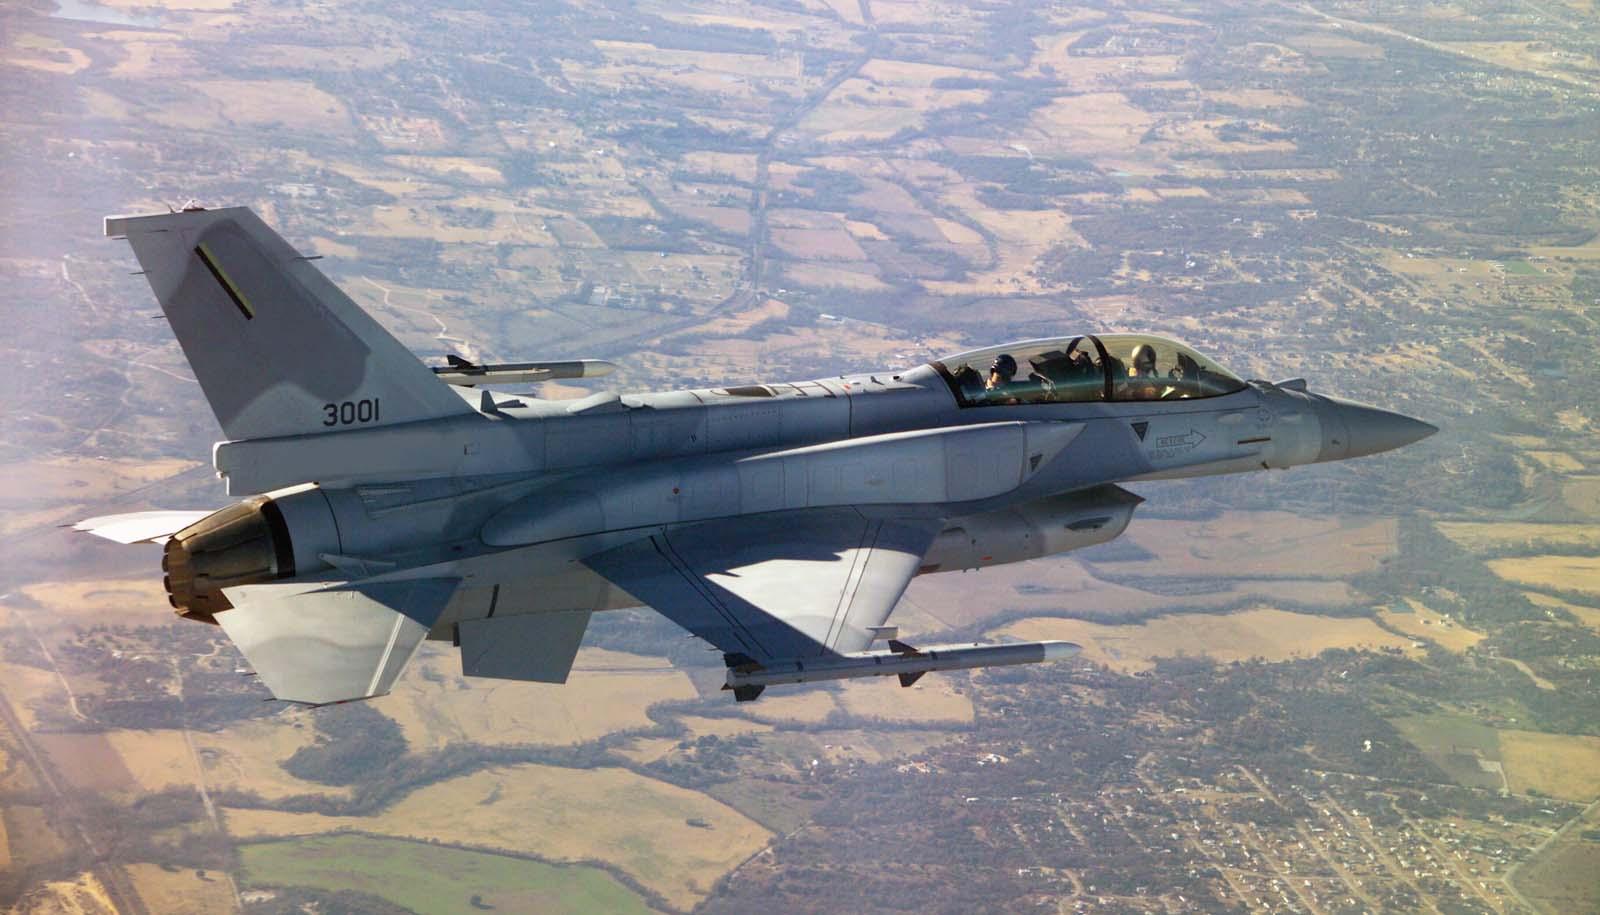 F-16 - foto Lockheed Martin